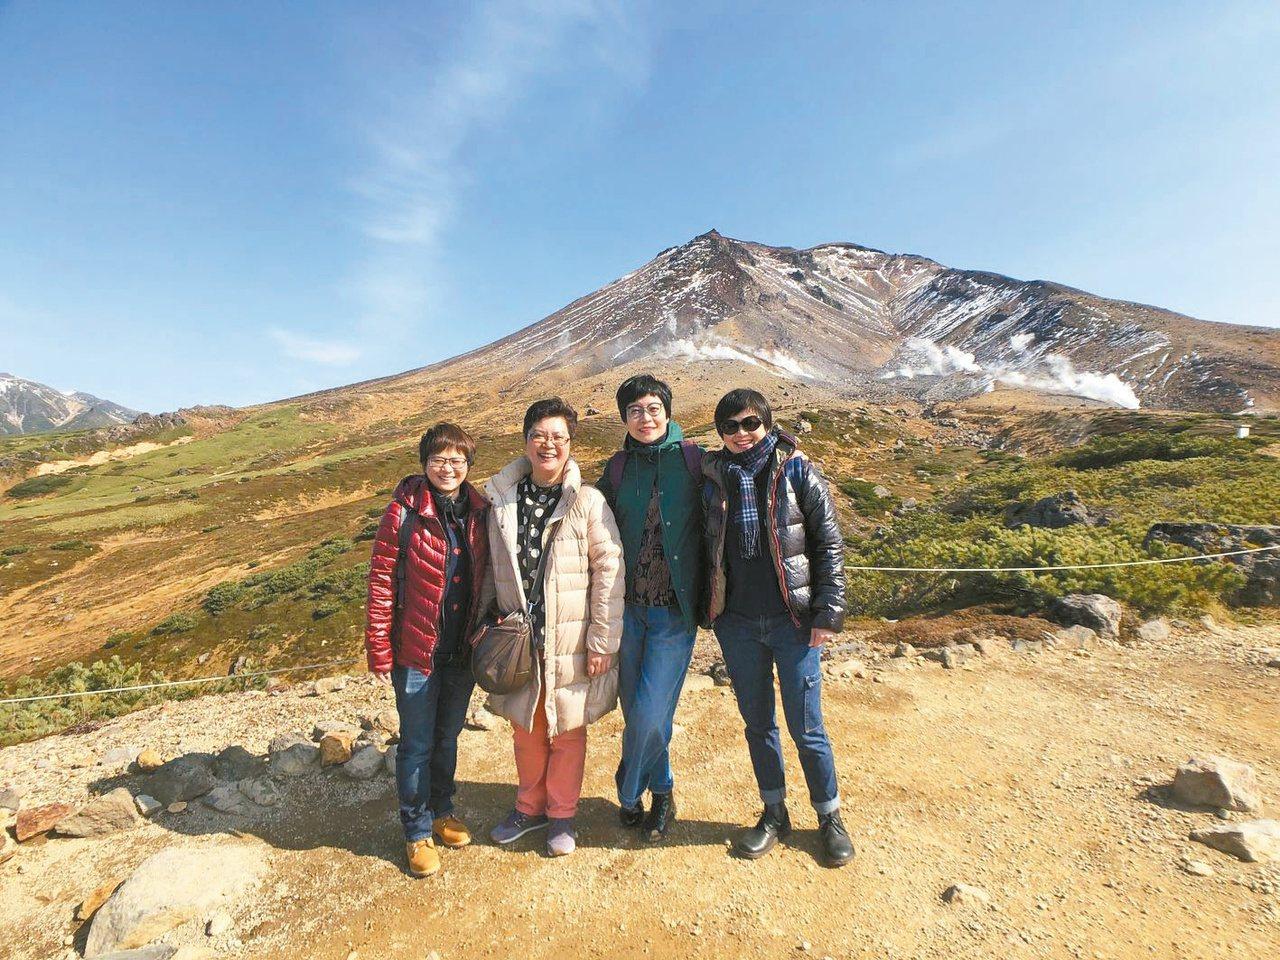 張曼娟(右二)說,無子的老後要和一群好友一起吃喝、分享,相濡以沫。圖/張曼娟提供